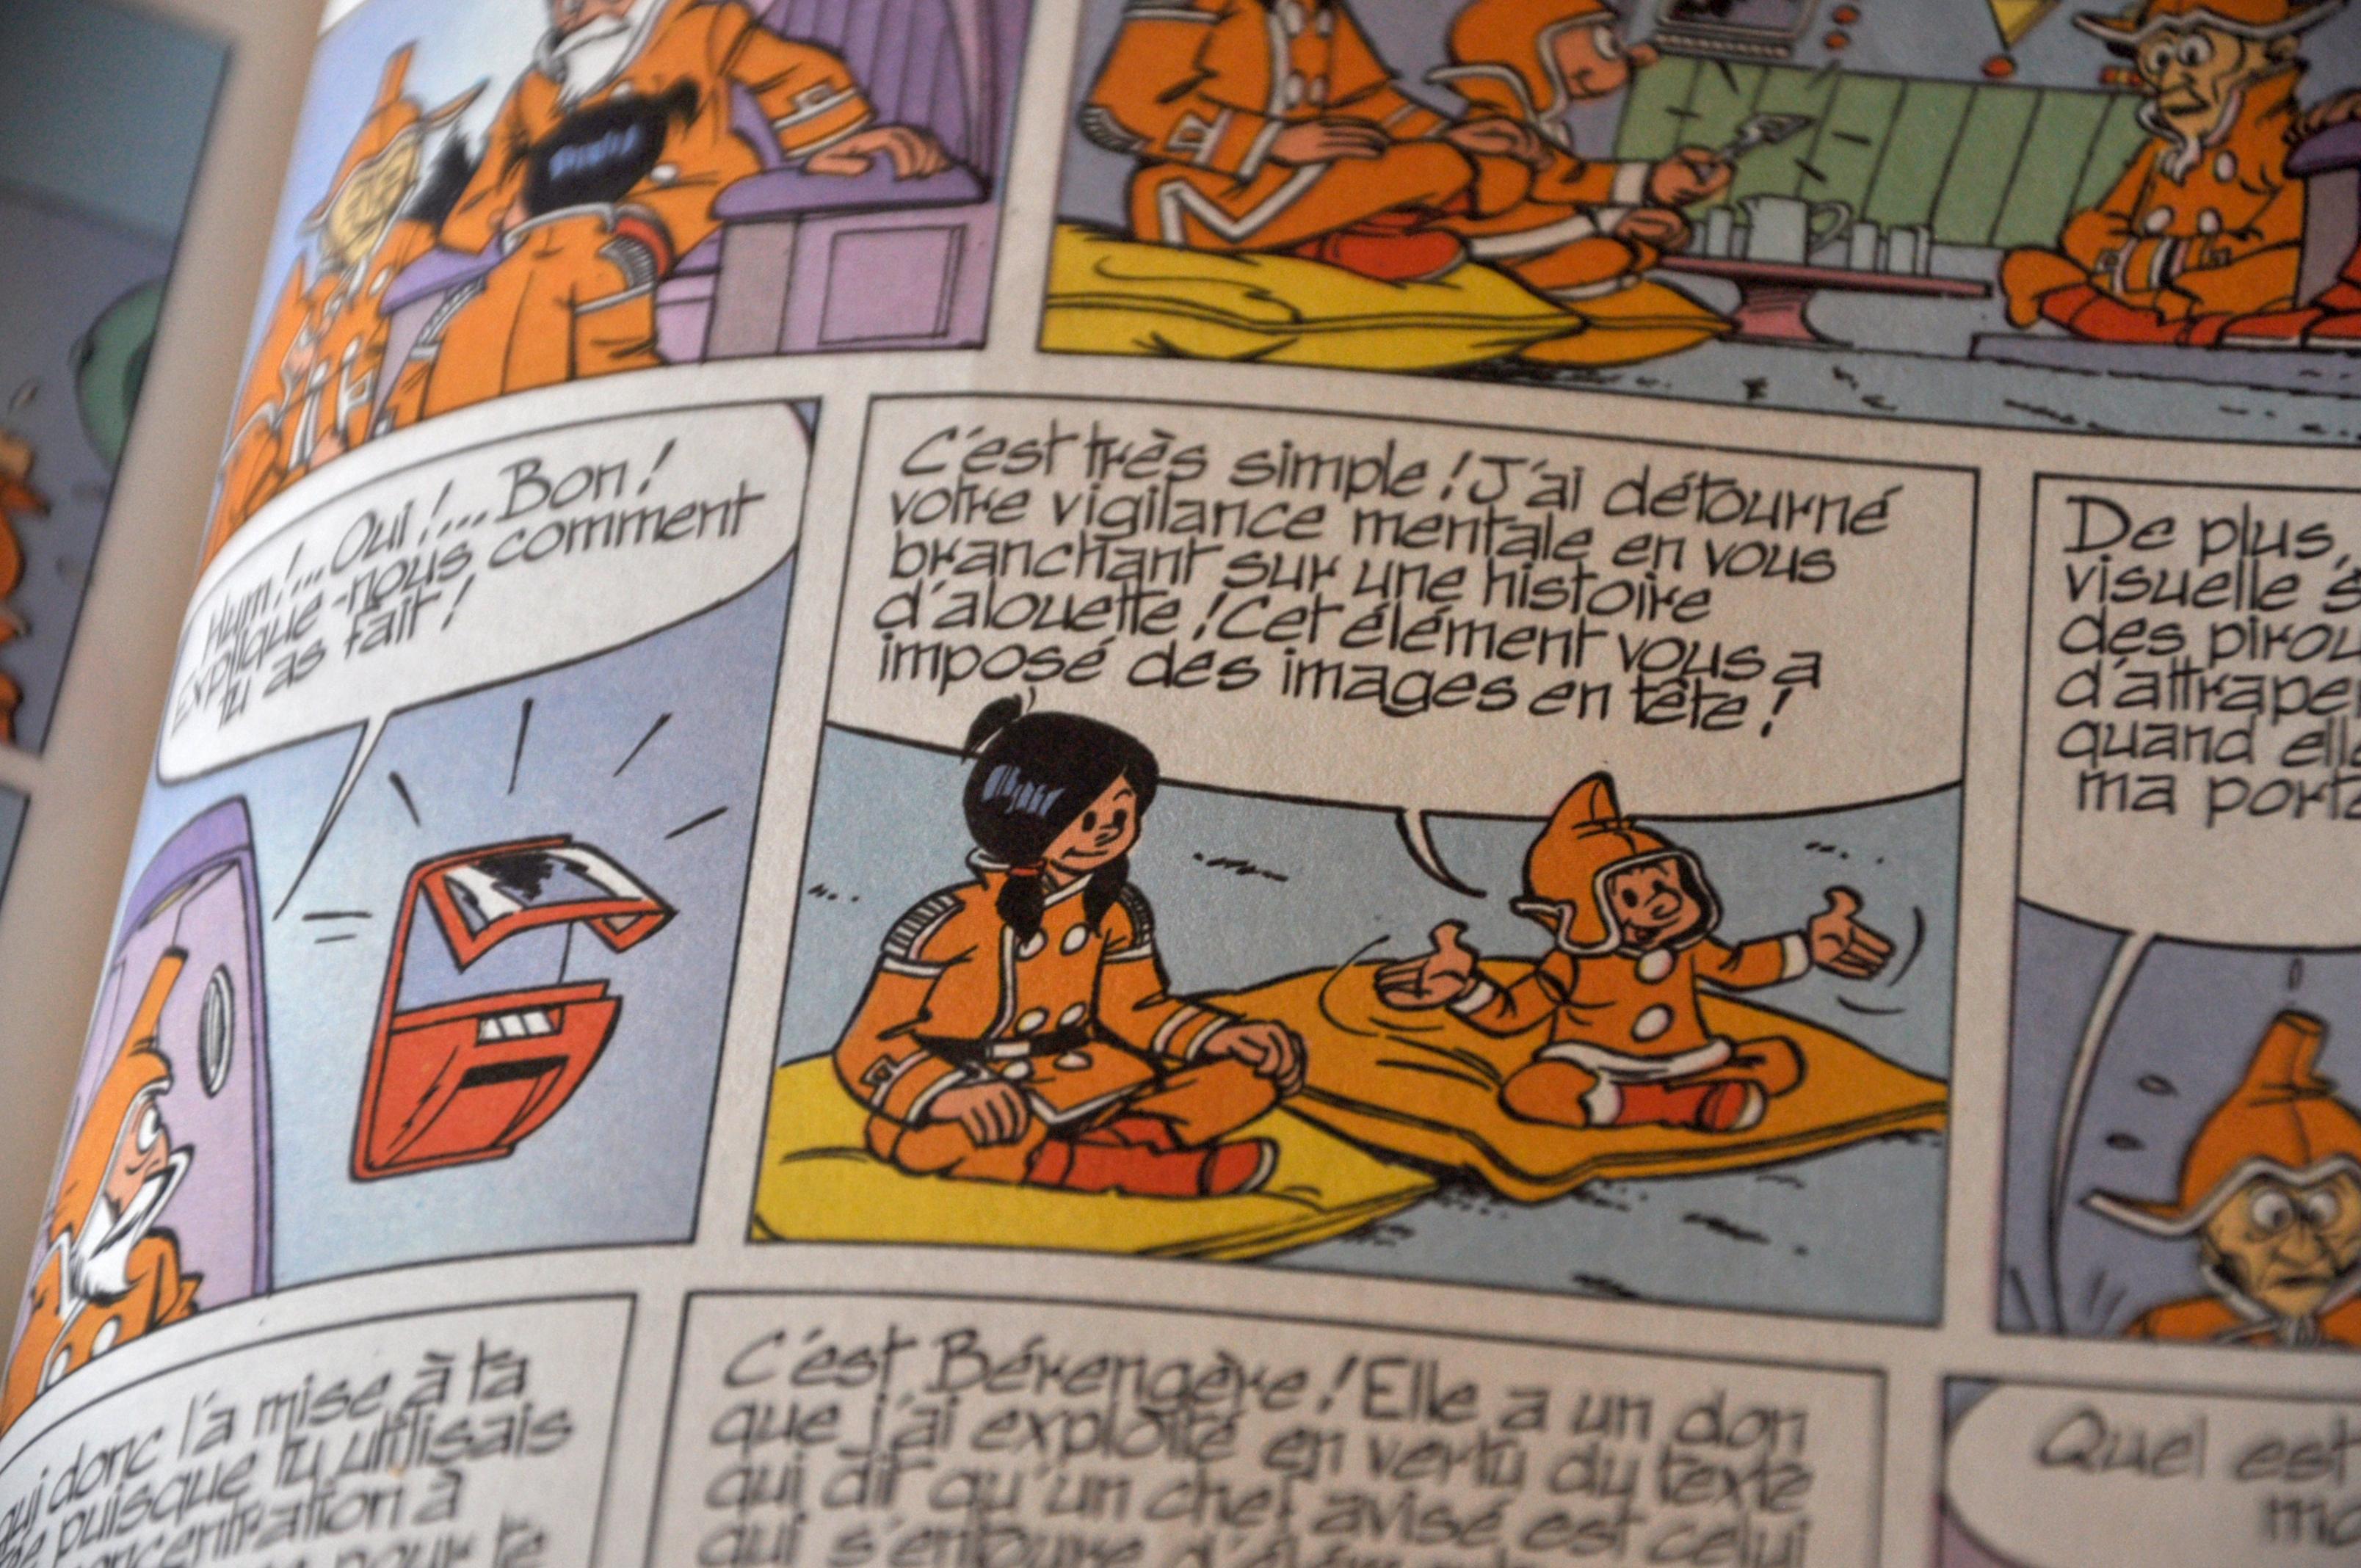 Scrameustache extrait (Photo : Dominique Clère) - Flibusk